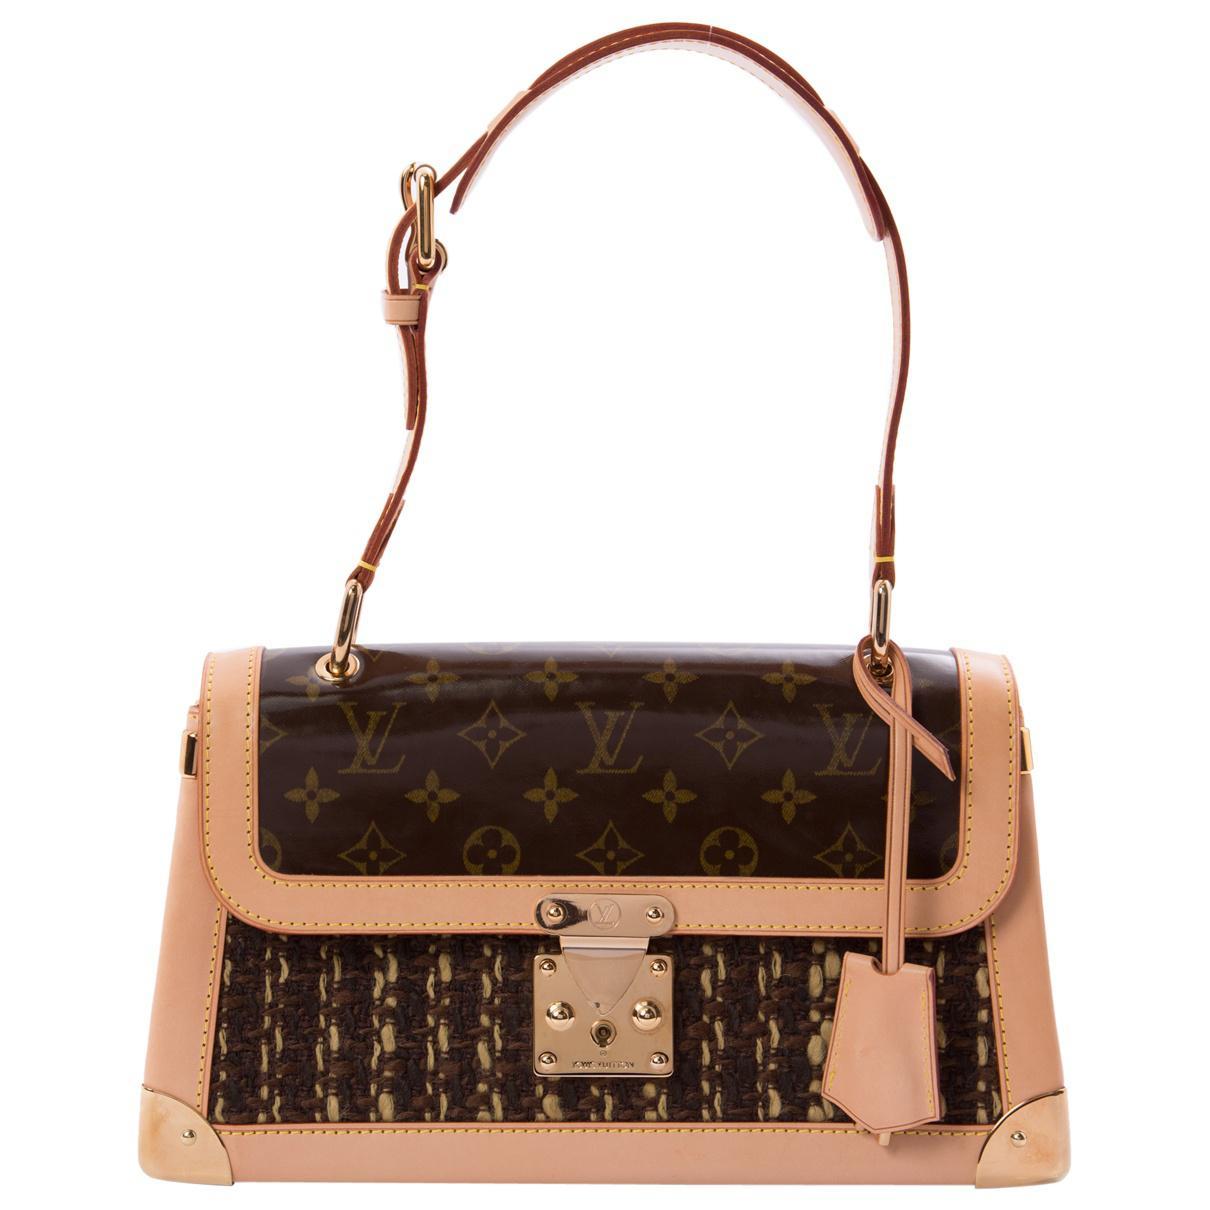 Louis Vuitton Pre-owned - Cloth mini bag ChcUx